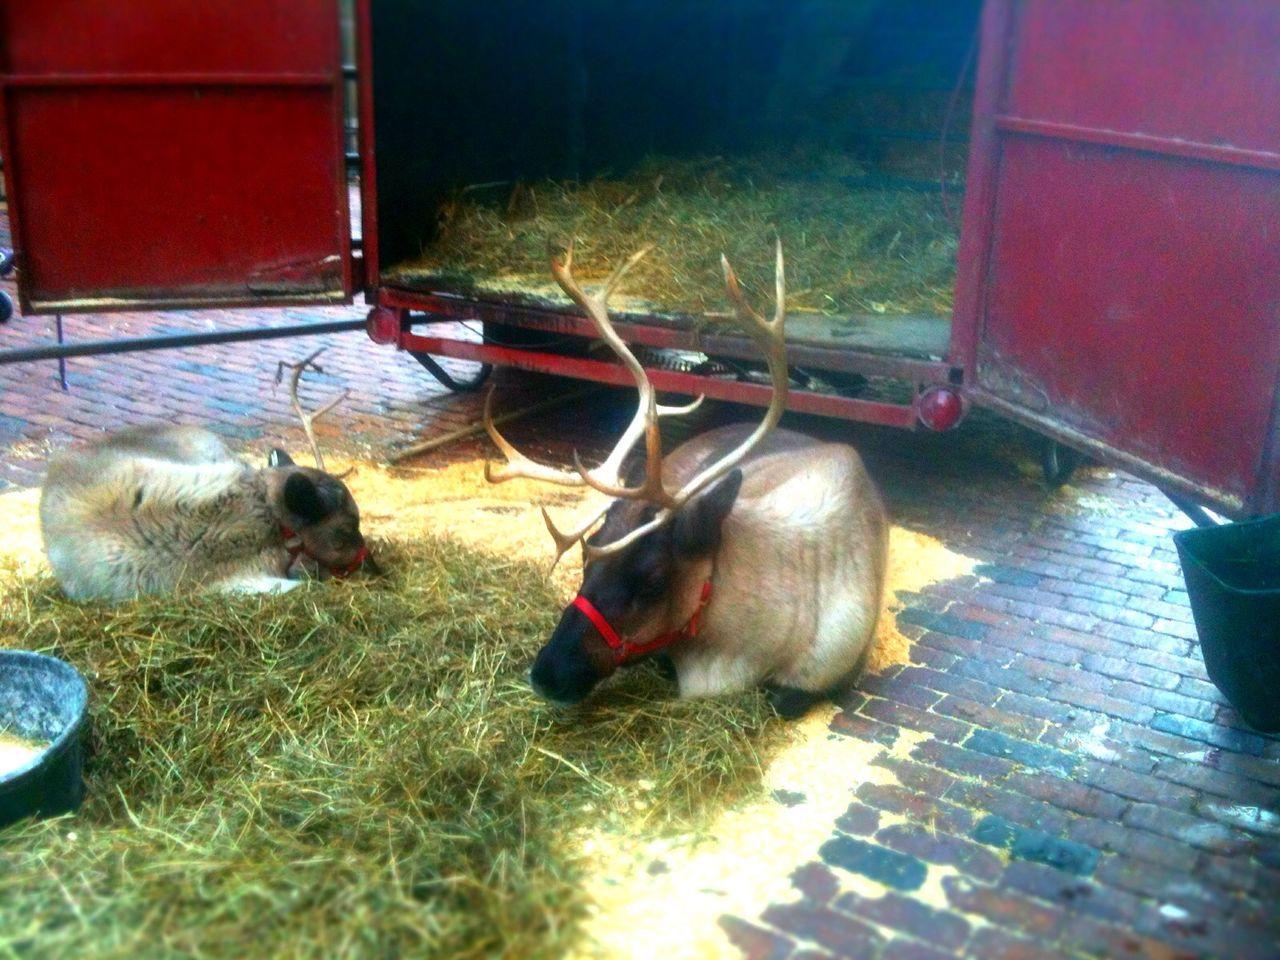 Reindeer family eating grass on street